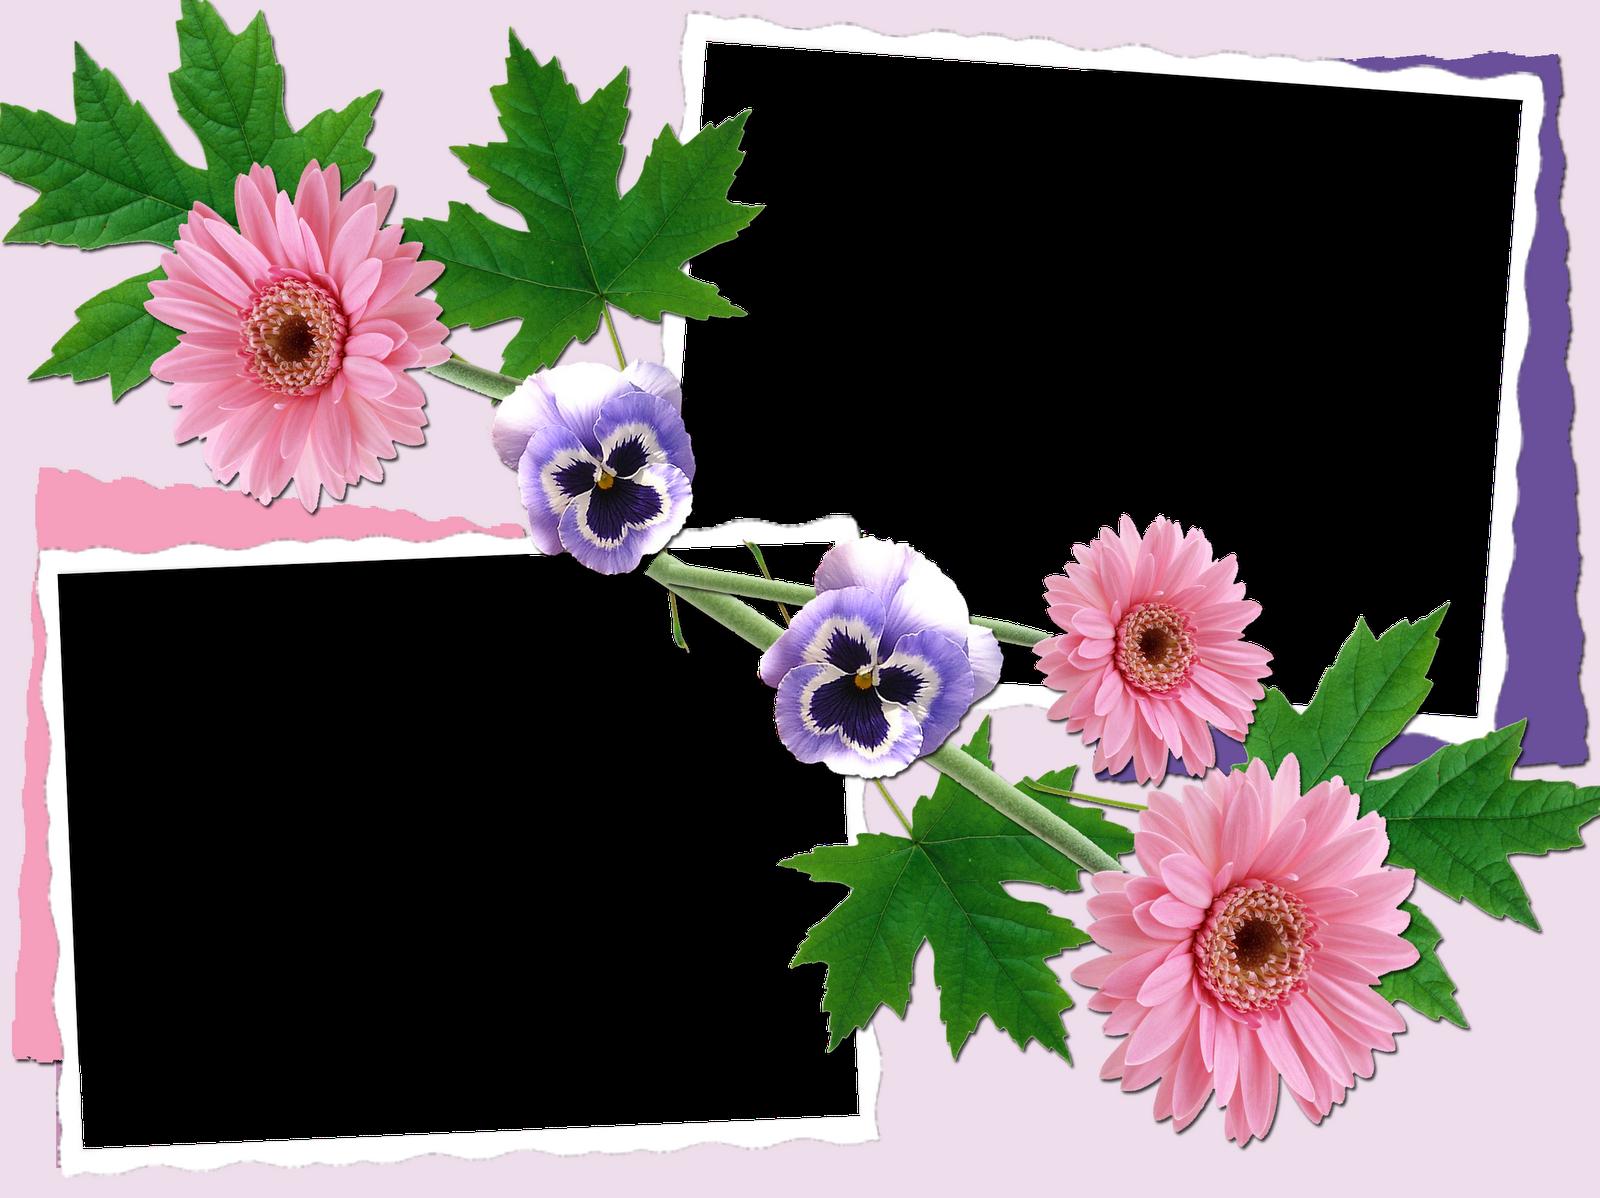 Famoso Fotos De Flores Marcos Bandera - Ideas Personalizadas de ...